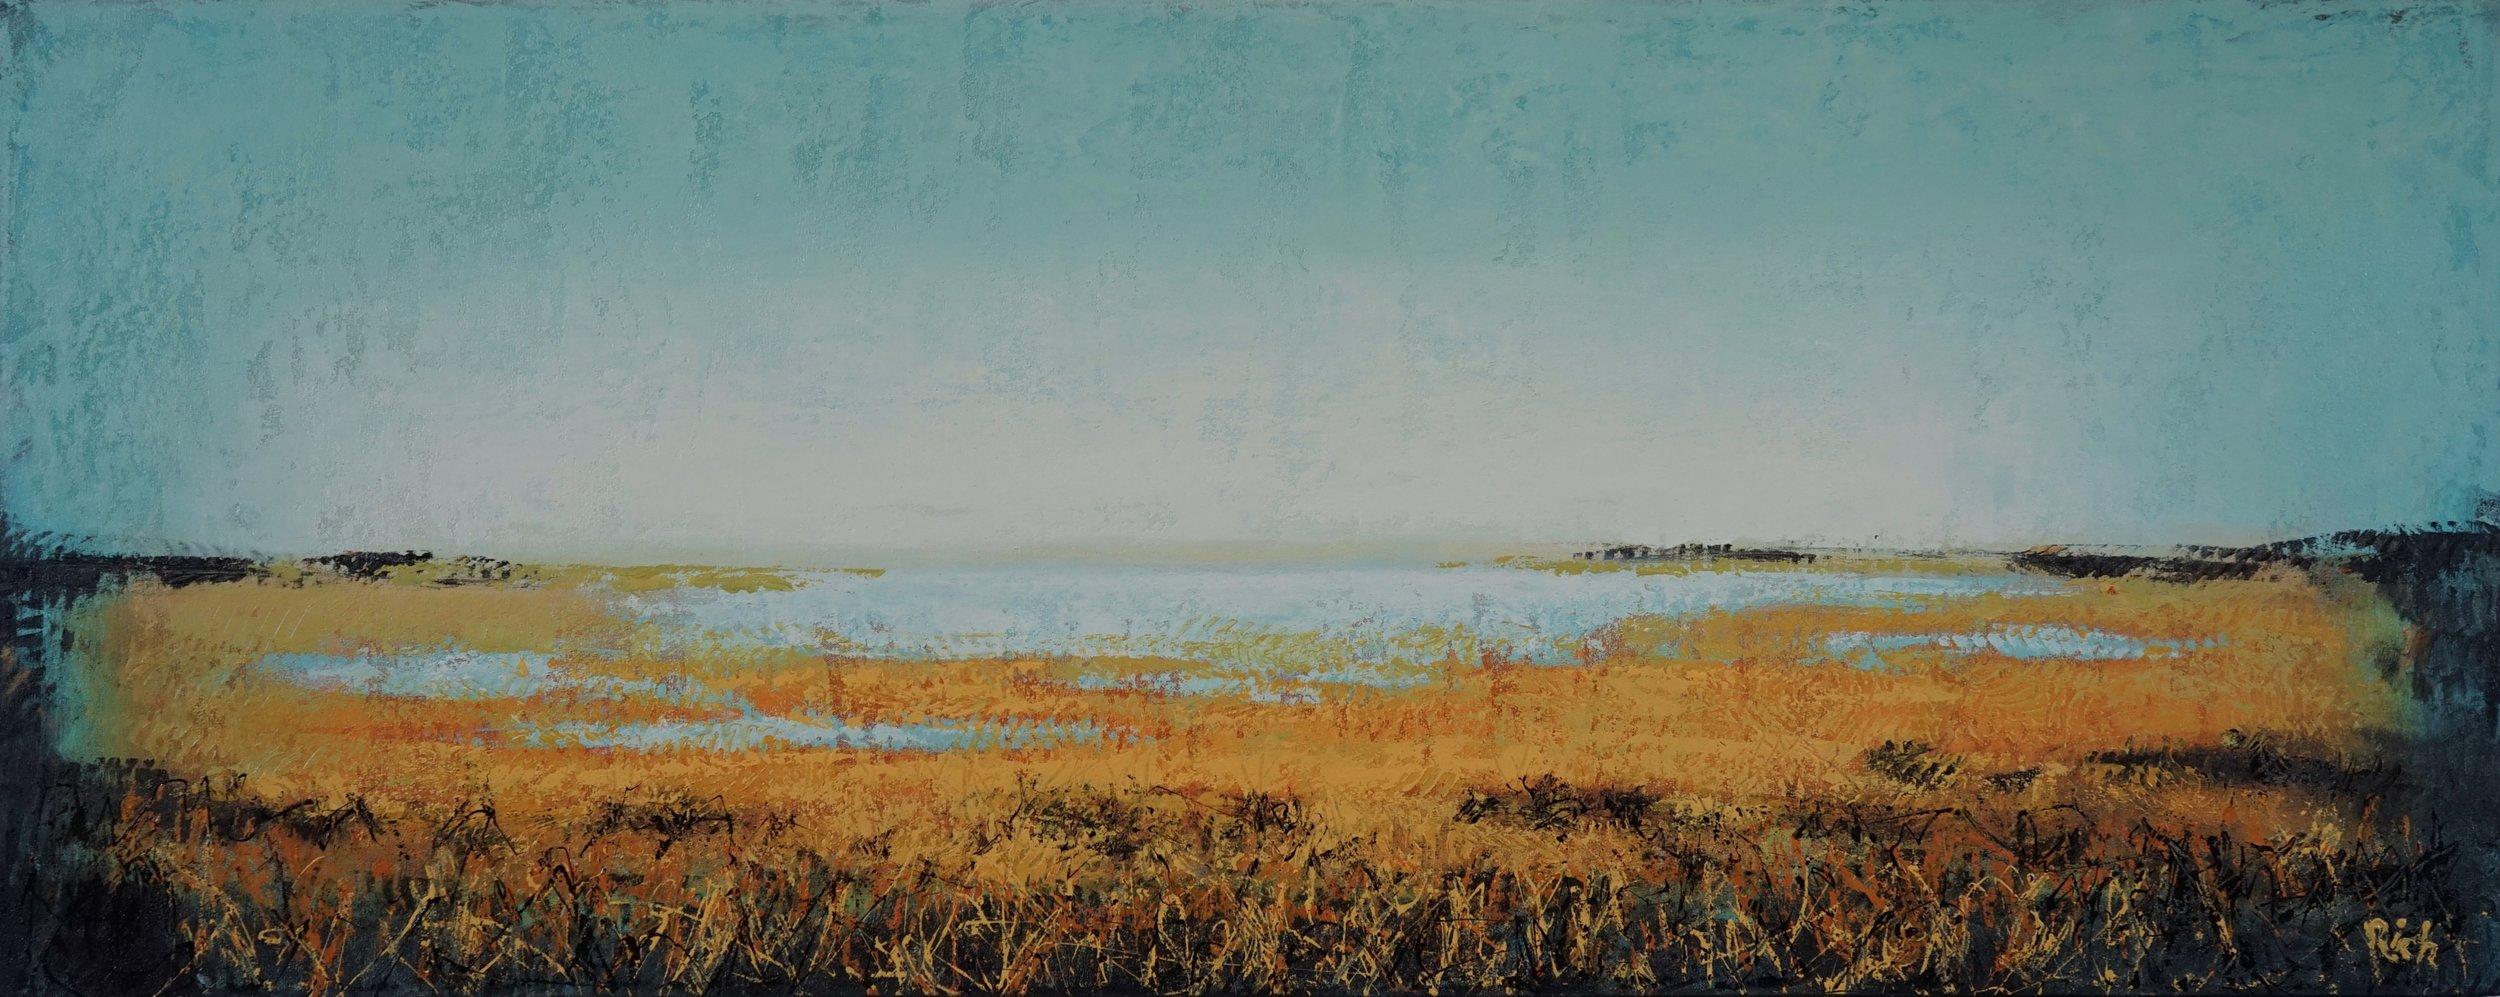 Acrylic on canvas 48x20